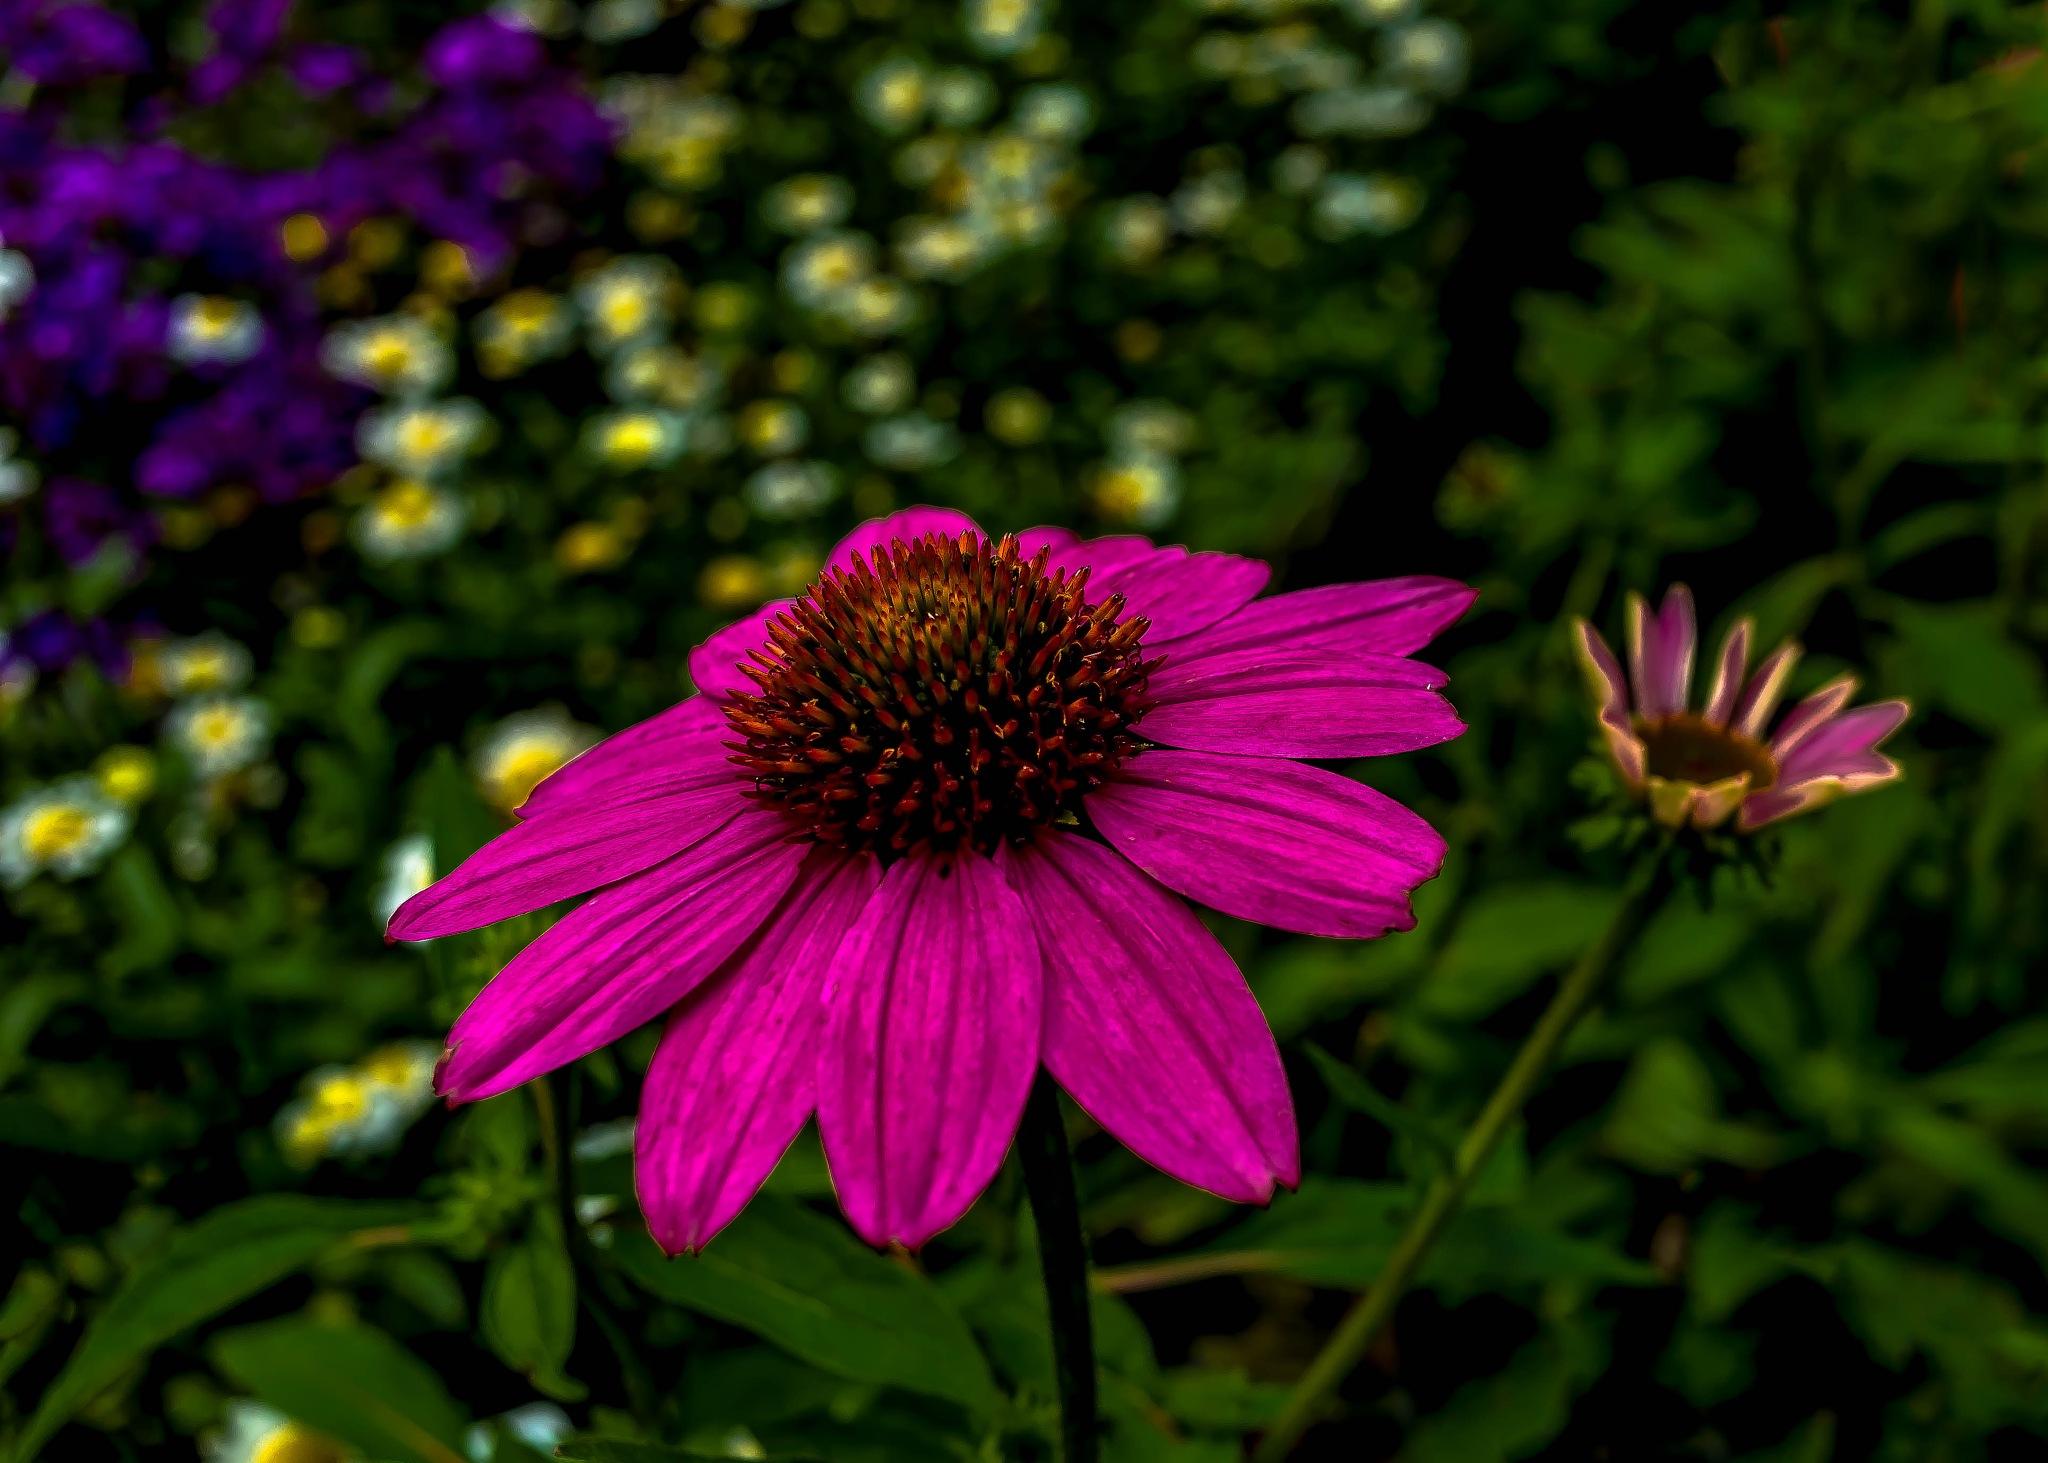 Afternoon Garden by Edward Brown